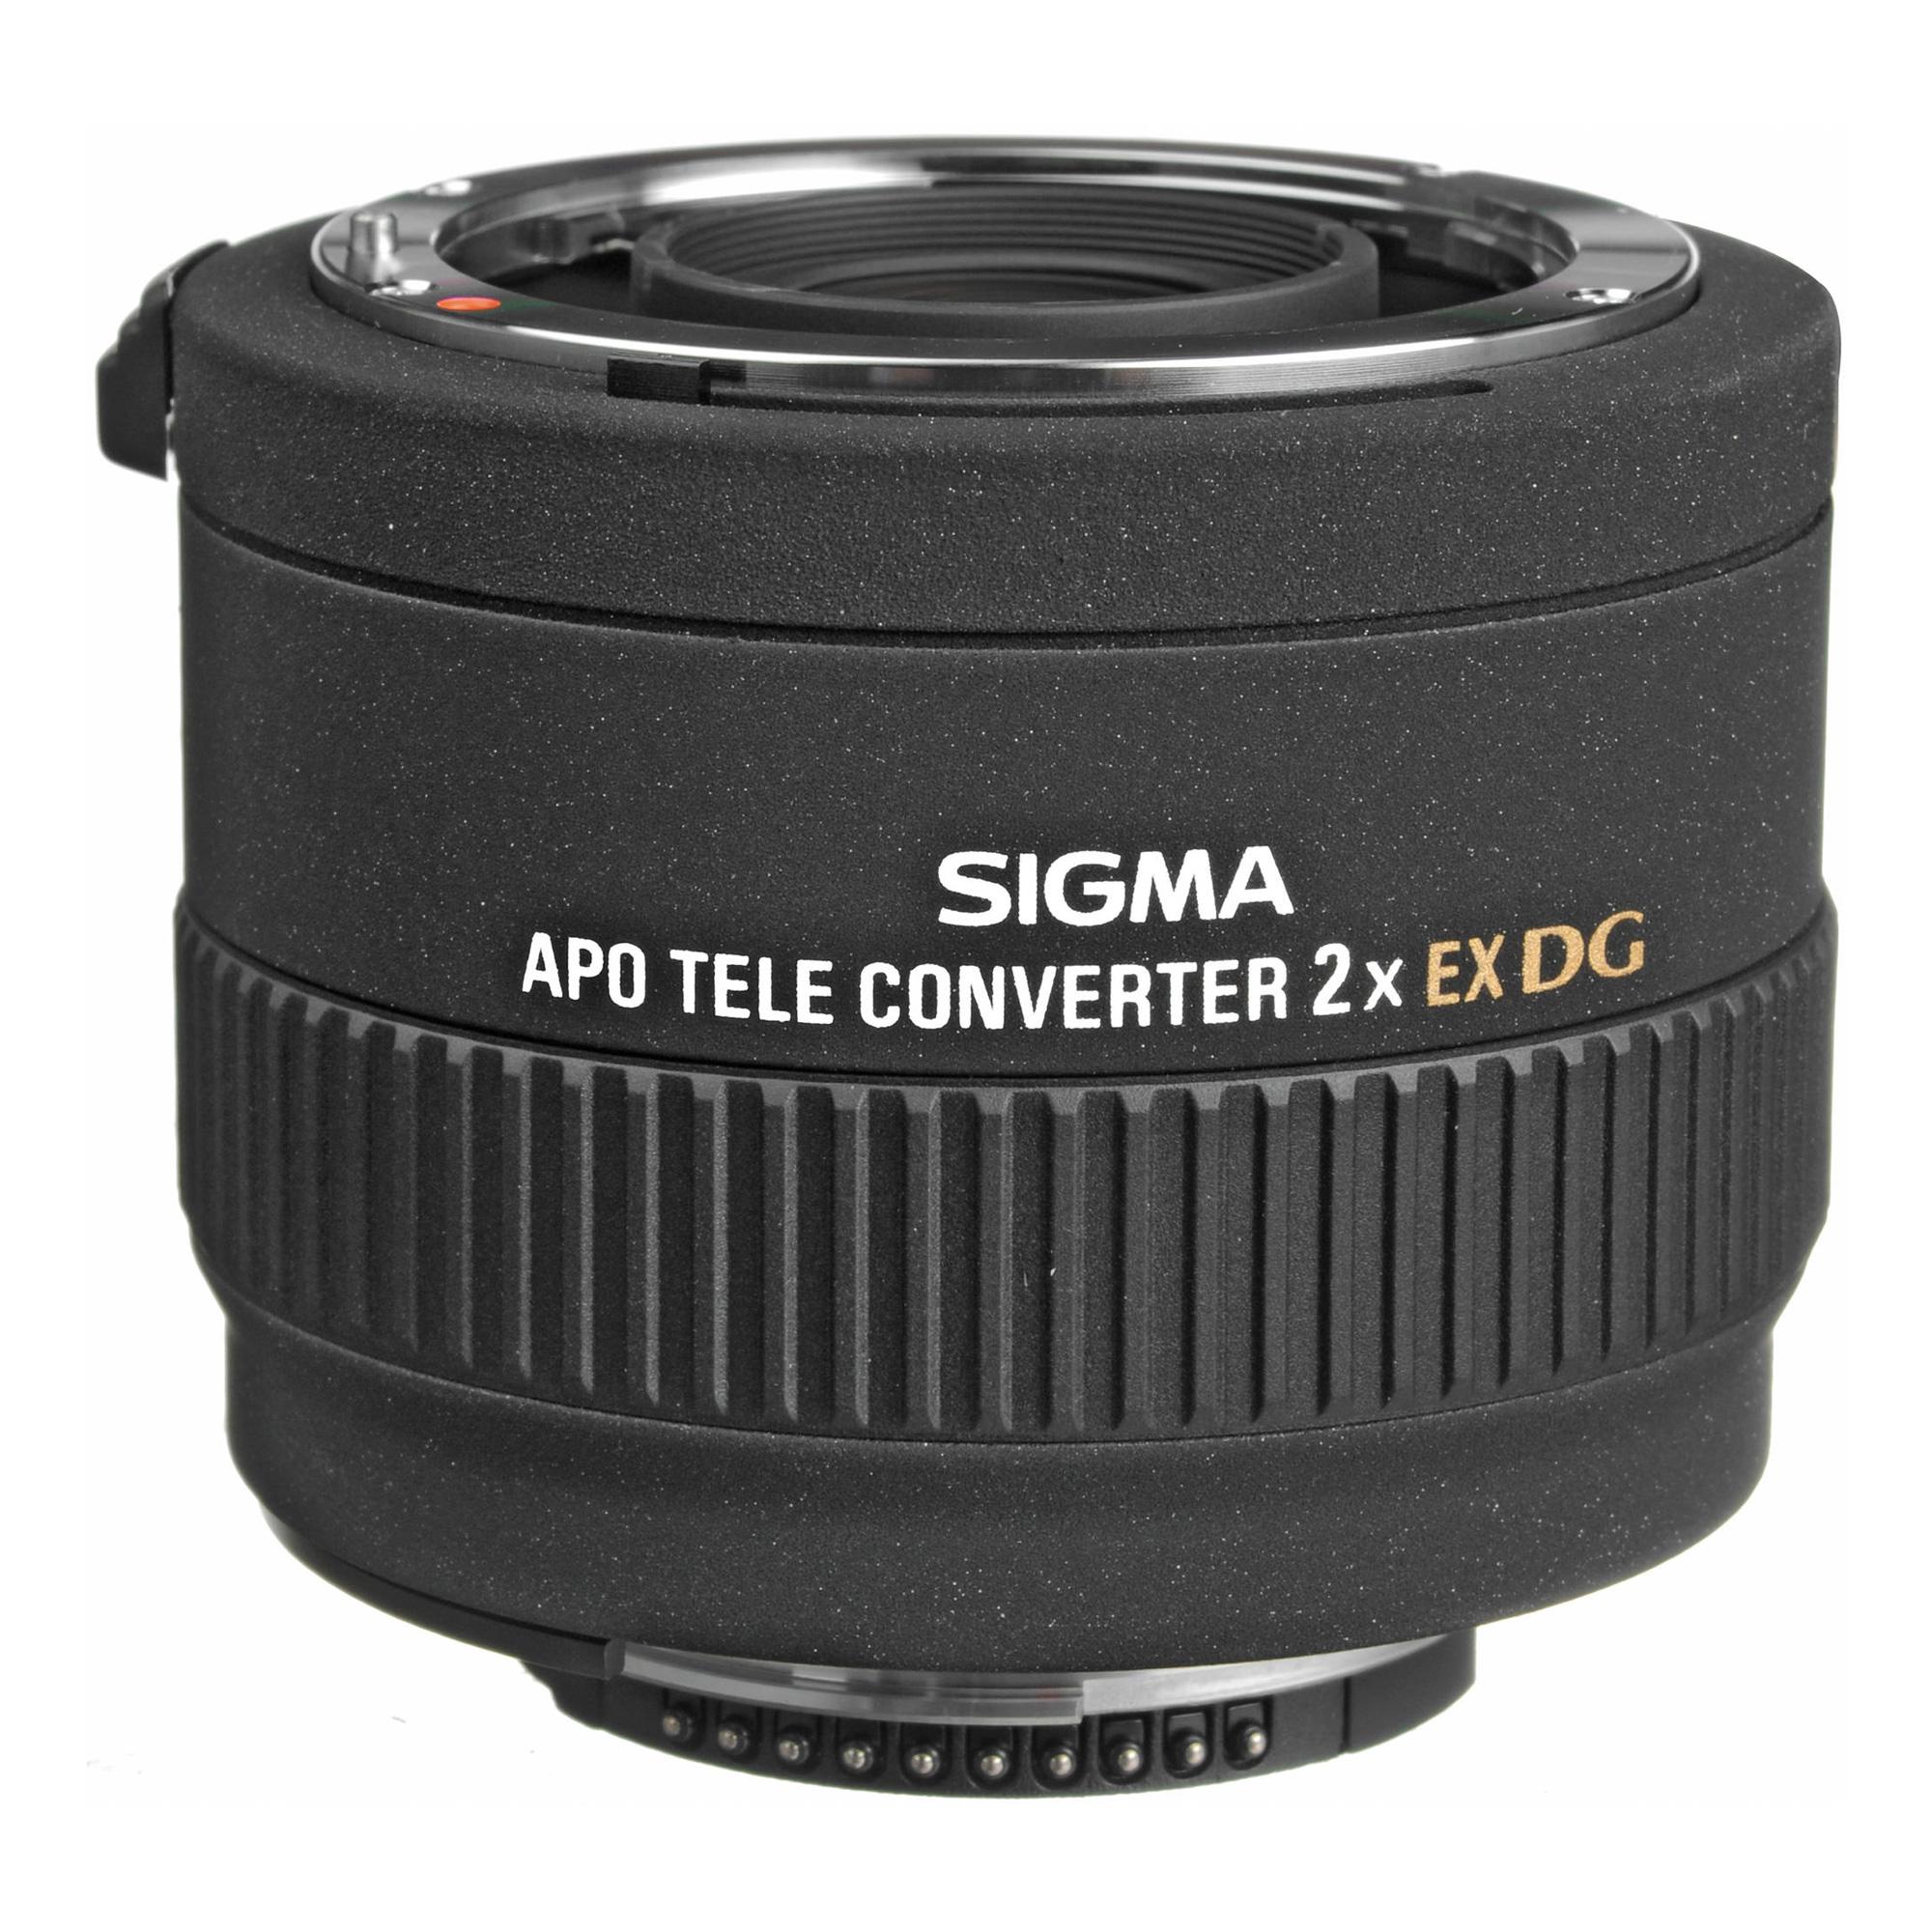 Image of Sigma 2.0x EX DG APO Teleconverter for Nikon